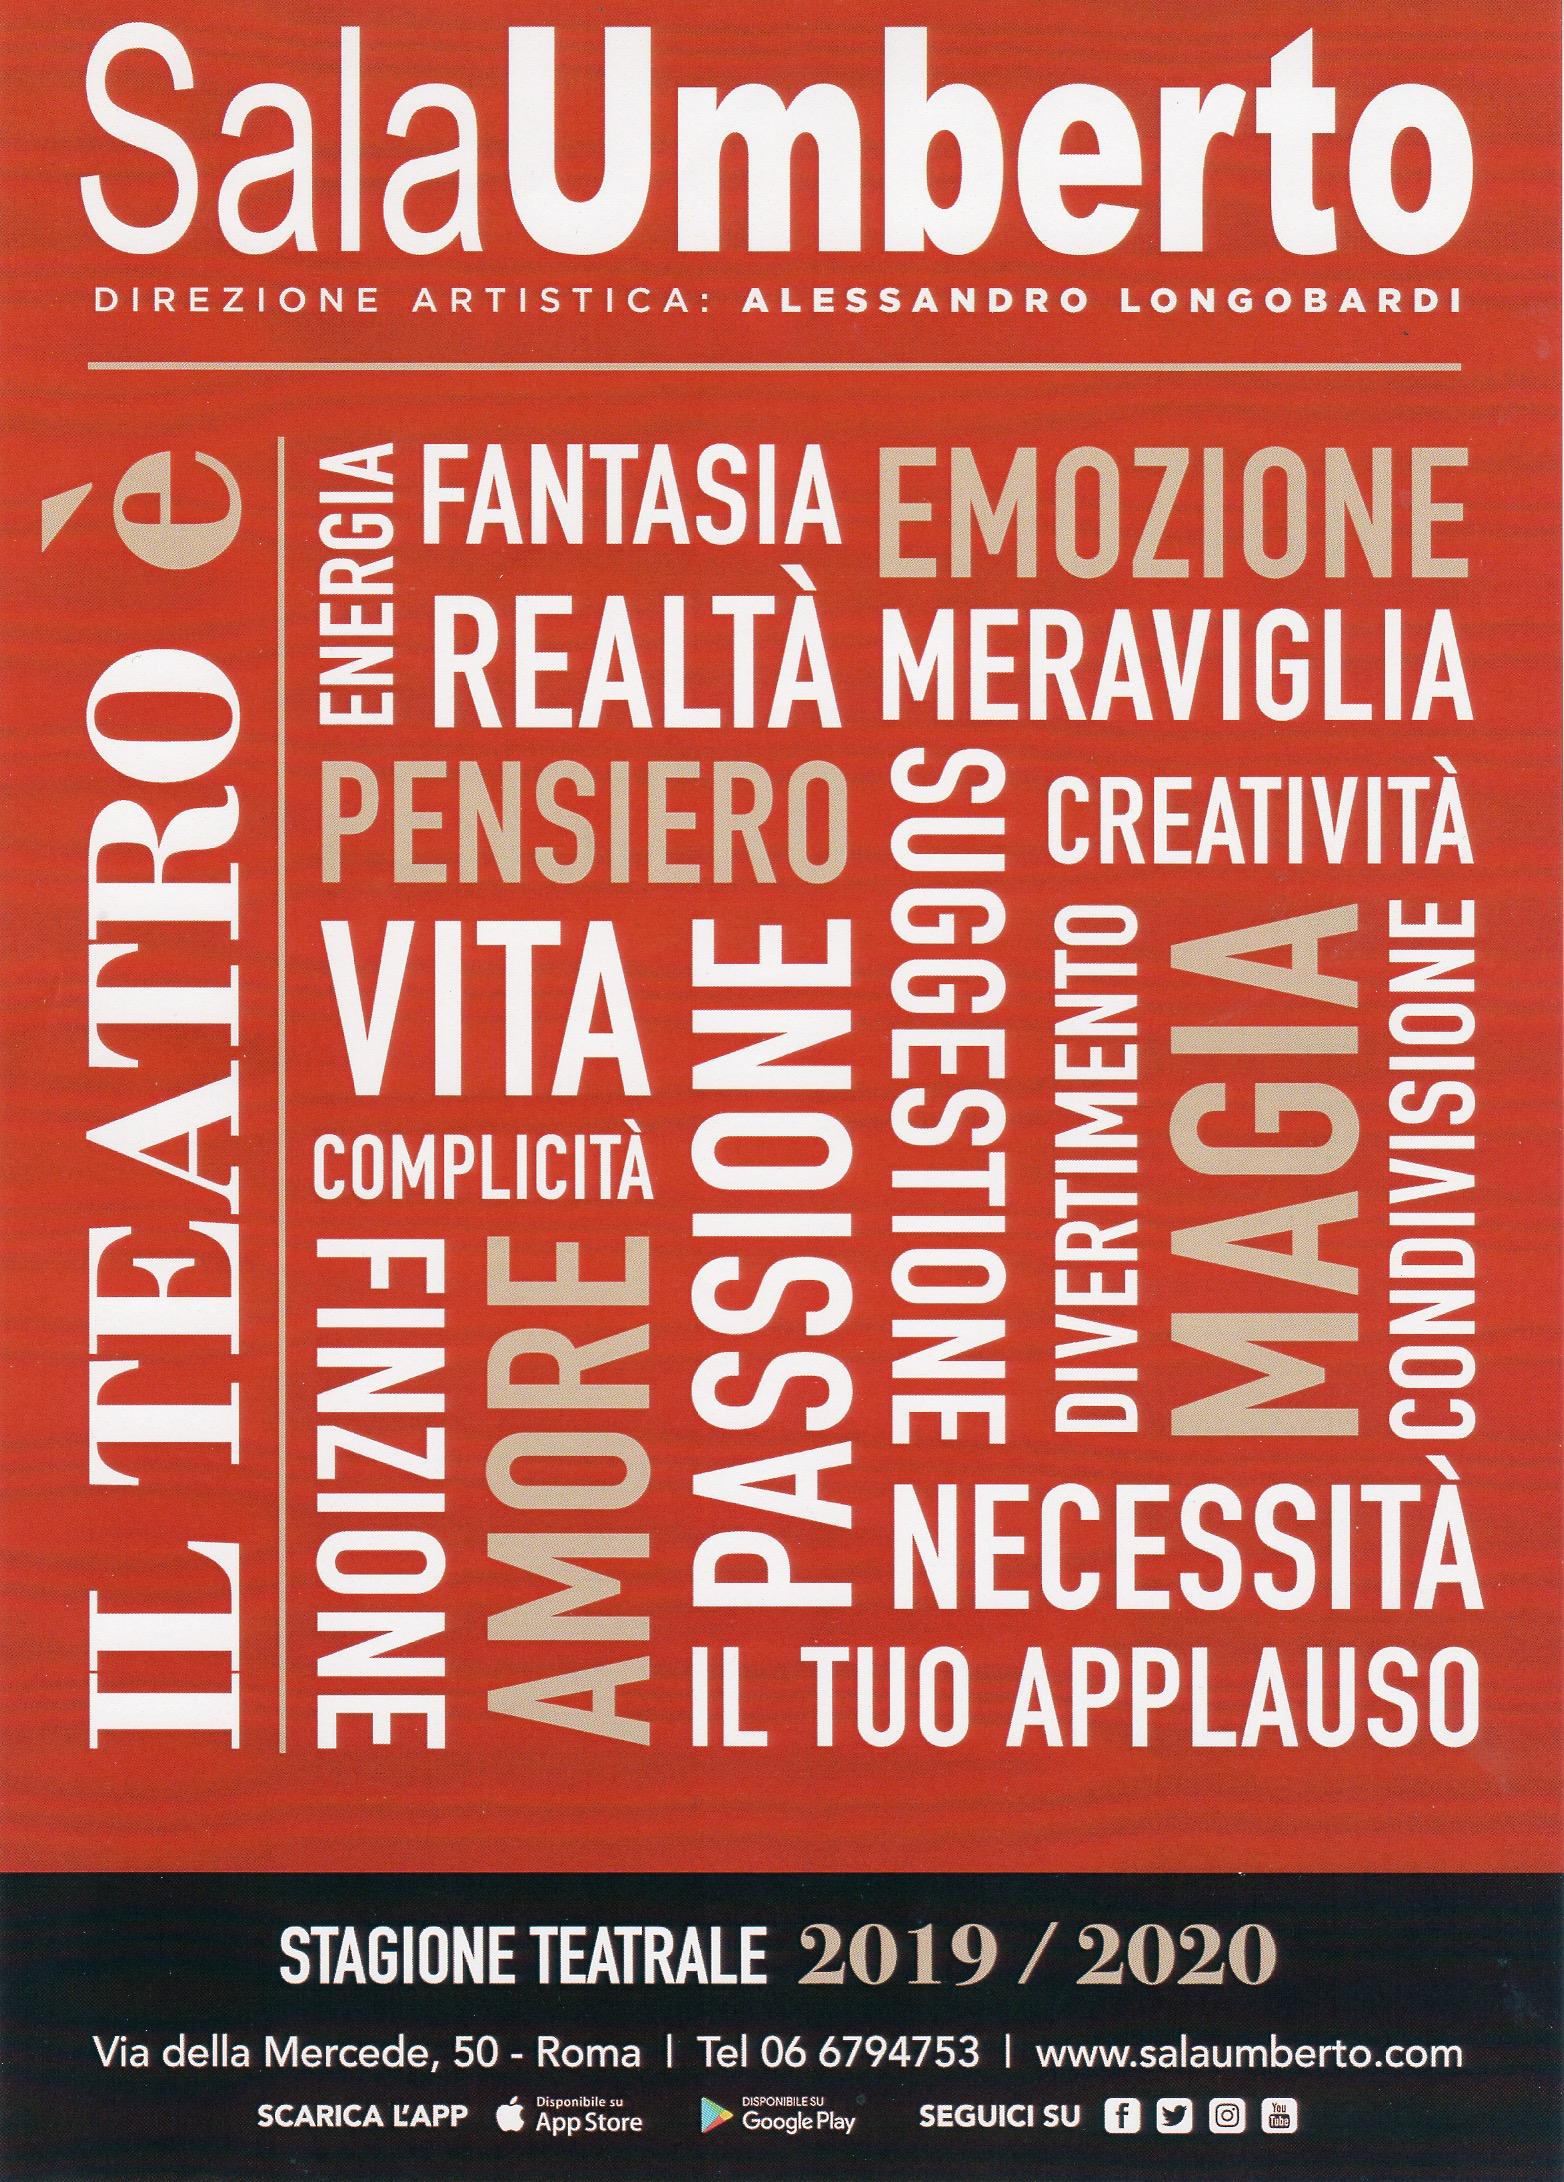 Calendario Maggio 2020.La Nuova Stagione Teatrale 2019 2020 Della Sala Umberto